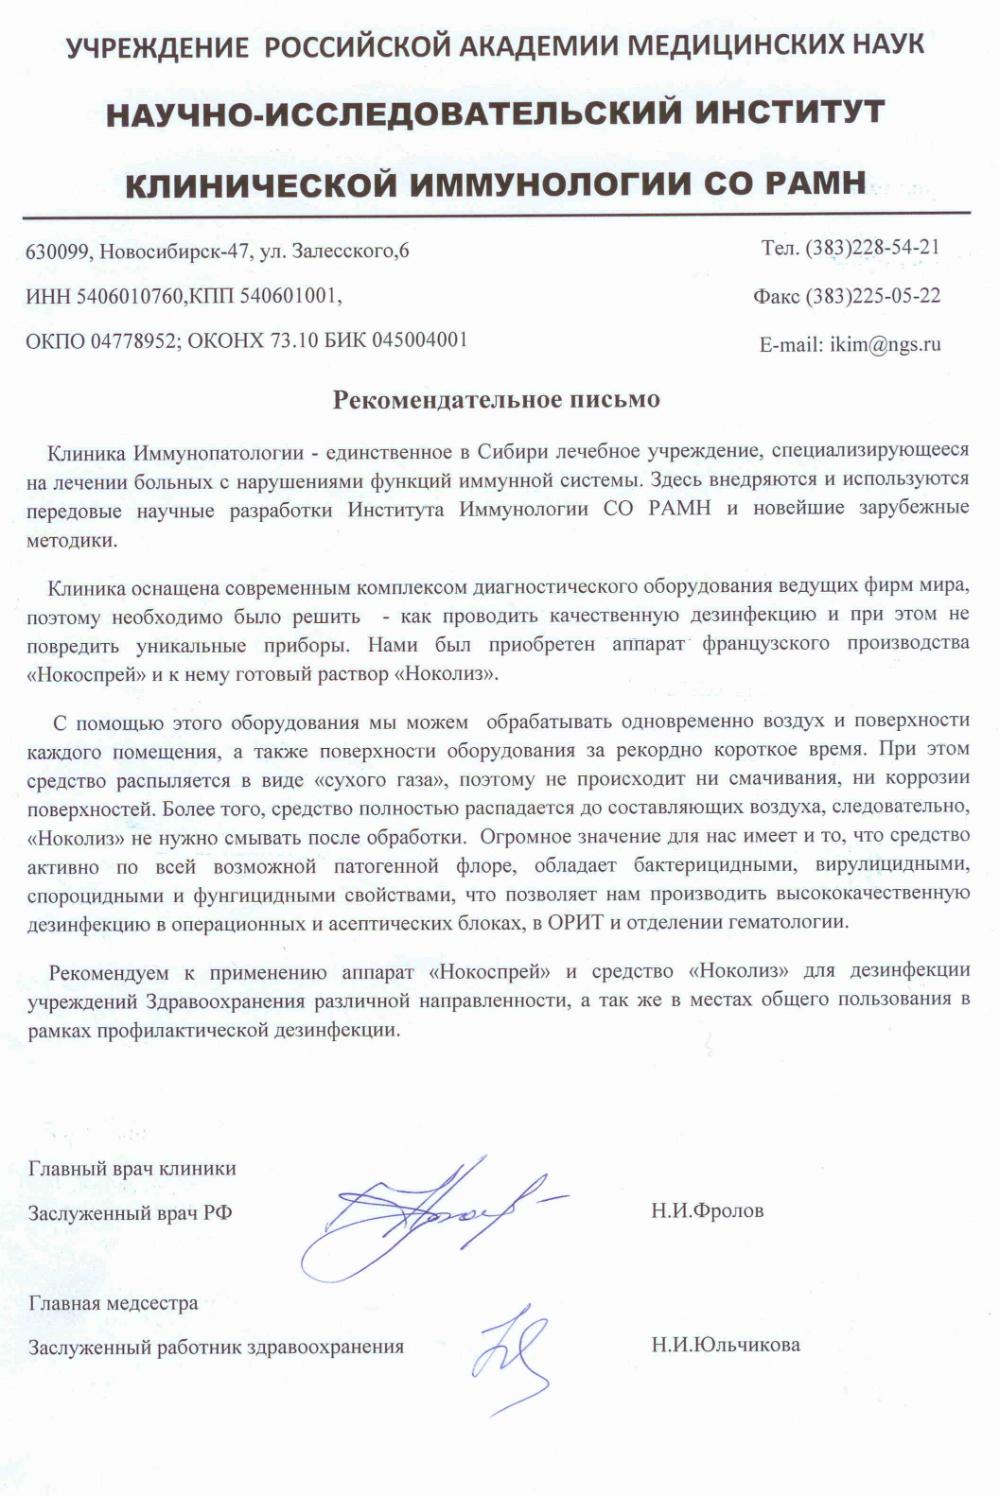 рекомендательное письмо от НИИ КИ СО РАМН